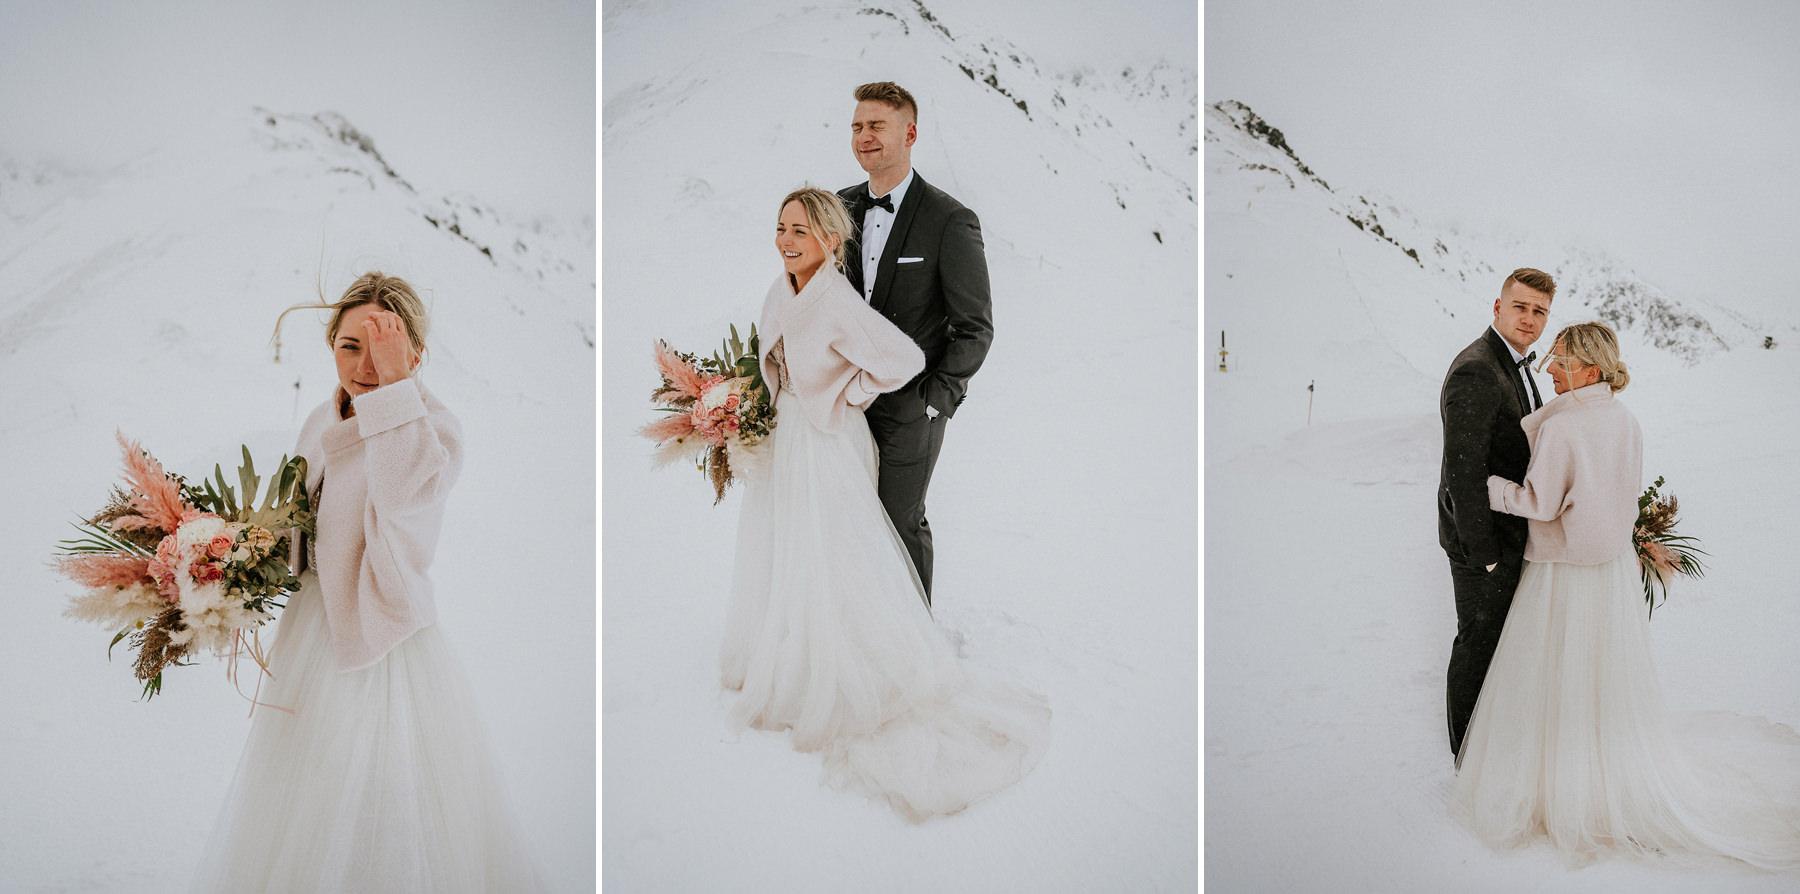 106 Dworek Komorno kedzierzyn kozle wesele sesja kasprowy wierch fotograf karol nycz photography